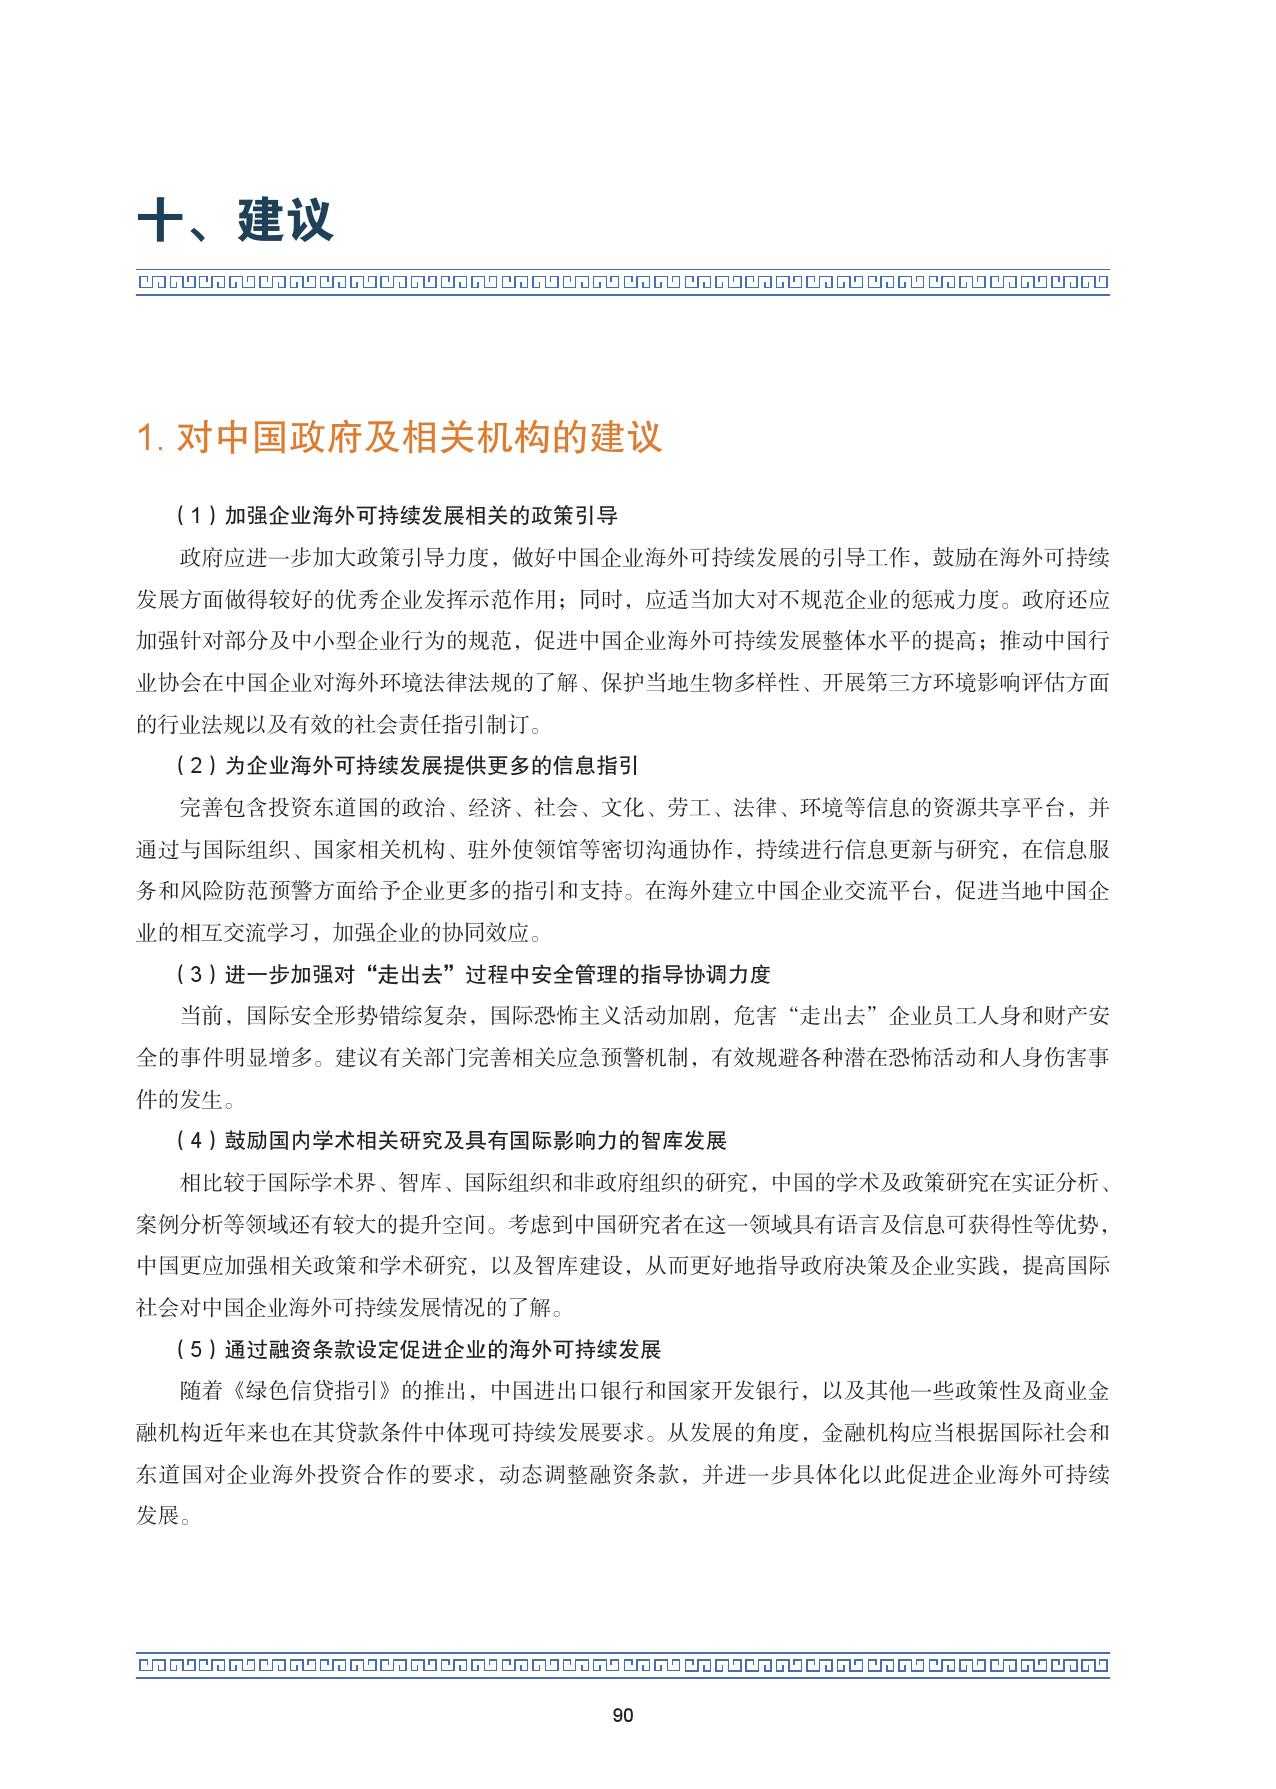 2015中国企业海外可持续发展报告_000104